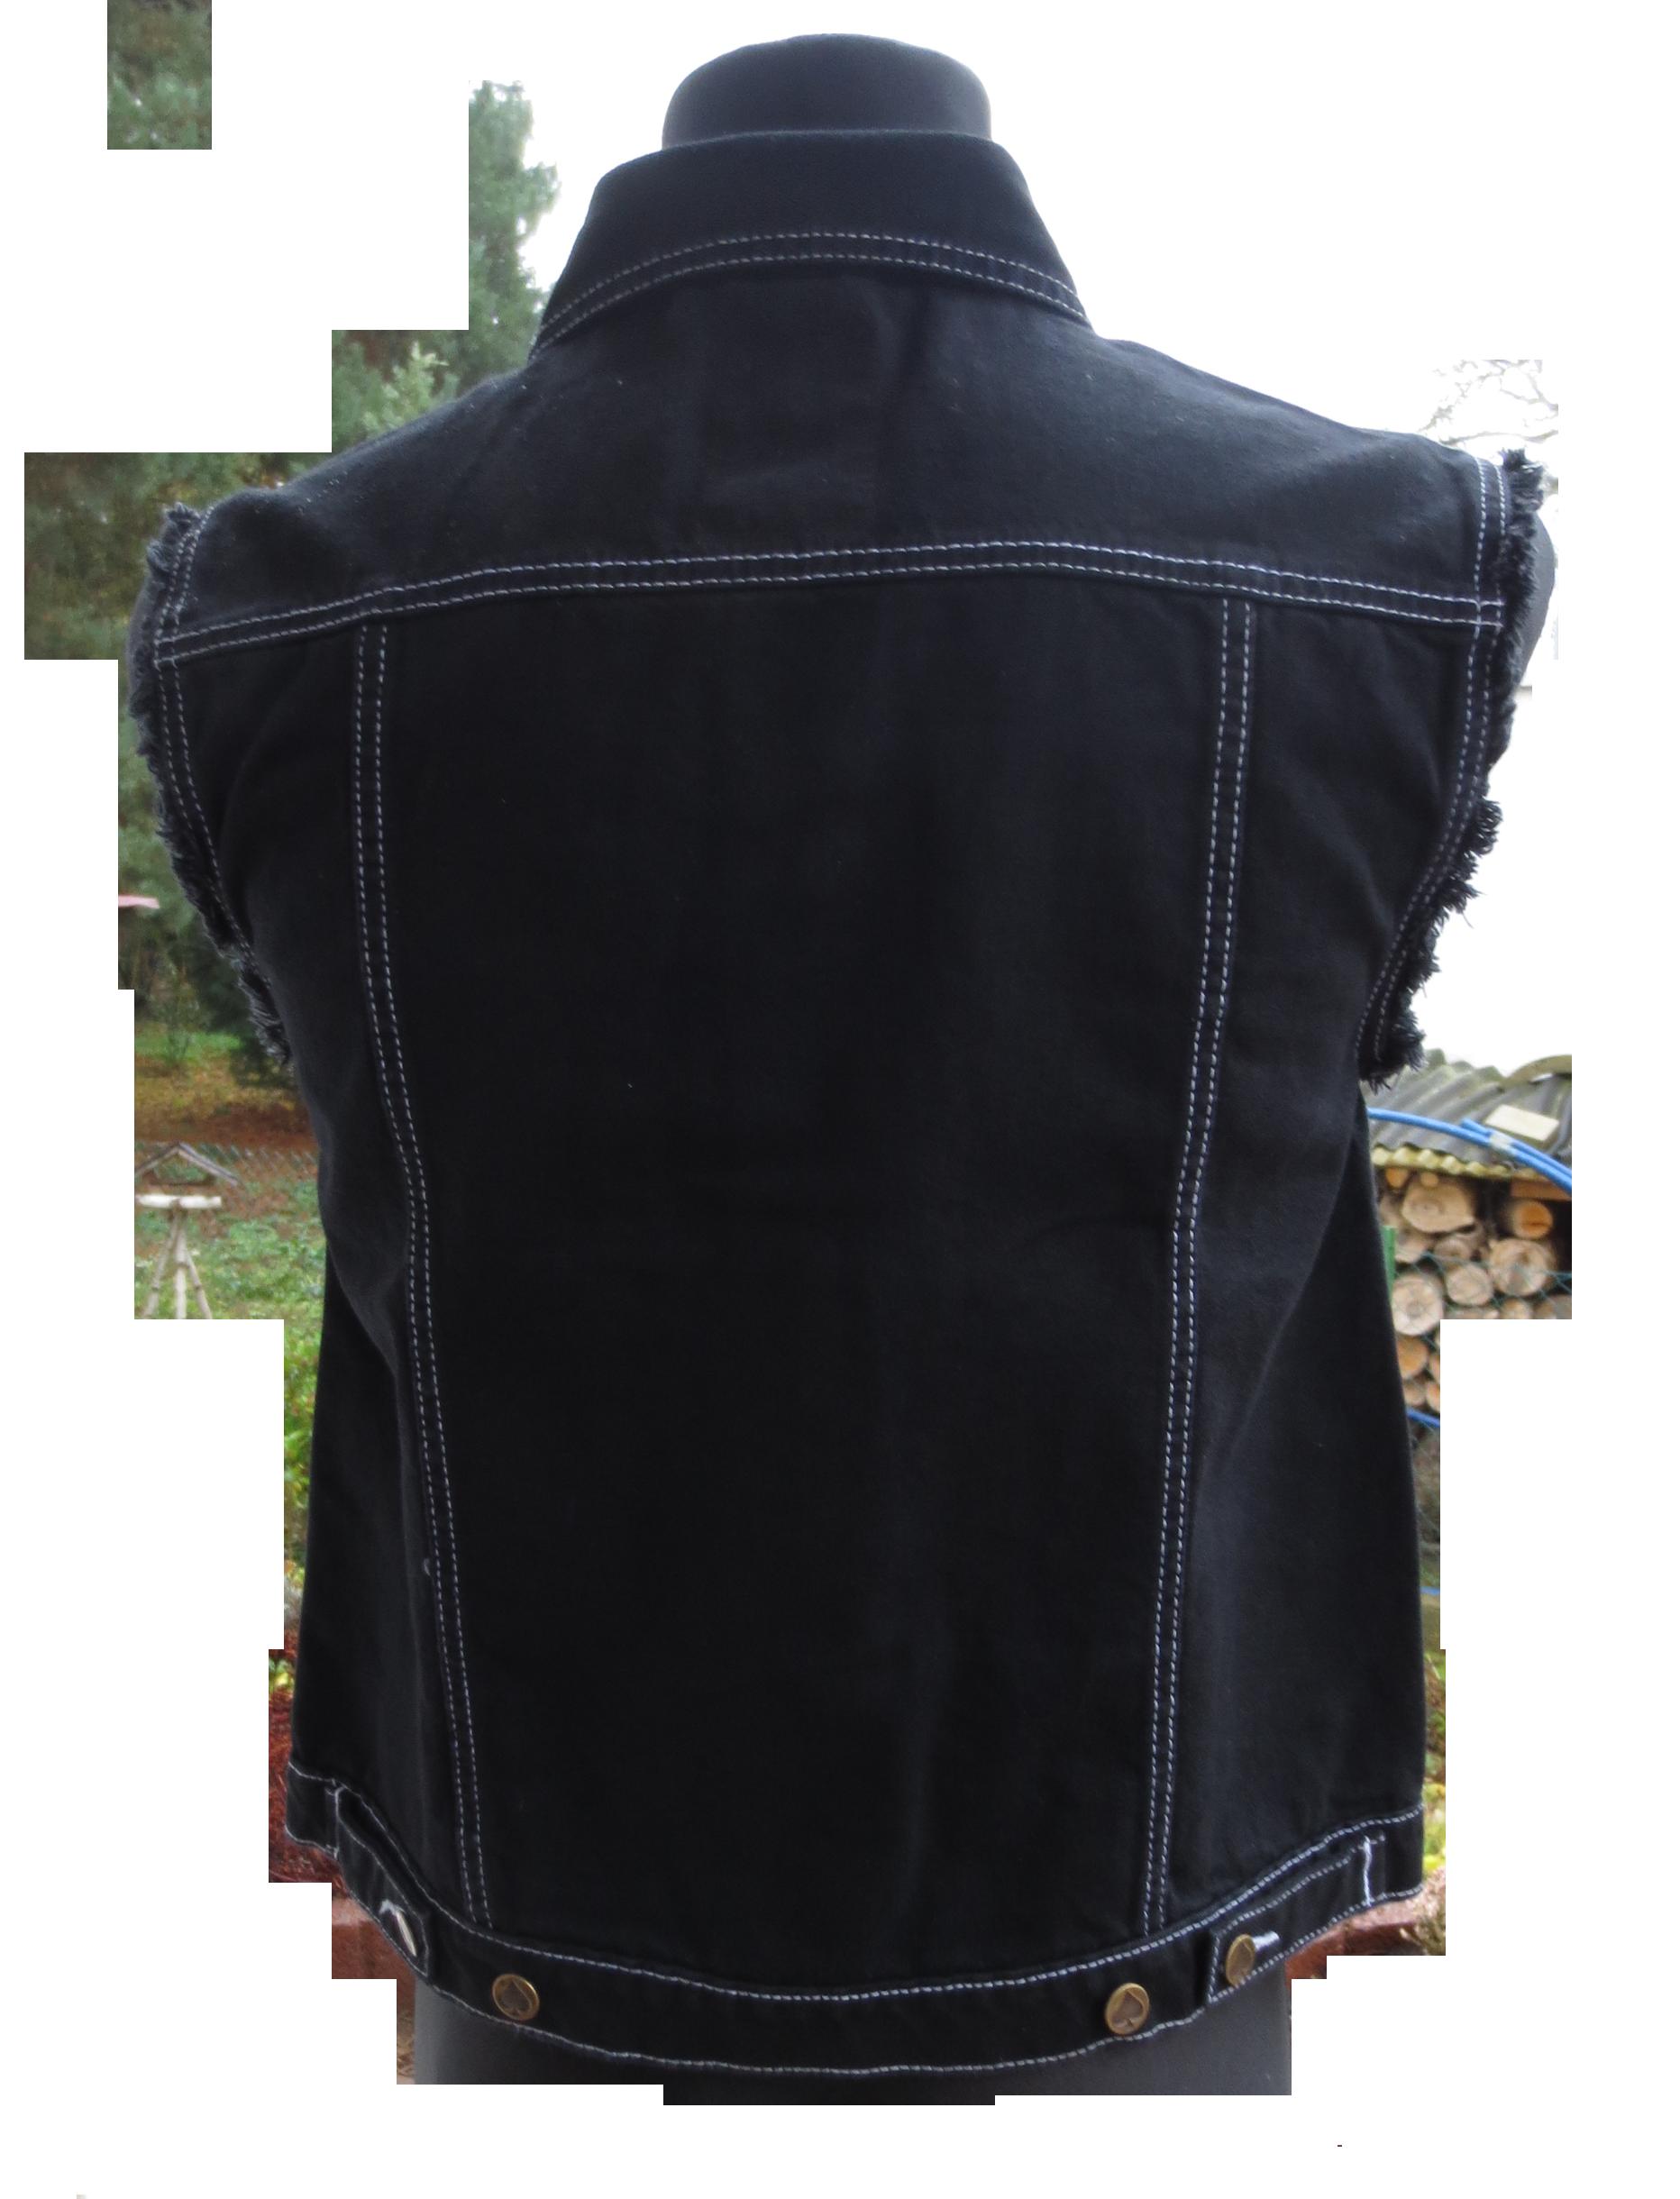 jeans weste schwarz mit ausgefransten armen capricorn rockwear online shop. Black Bedroom Furniture Sets. Home Design Ideas